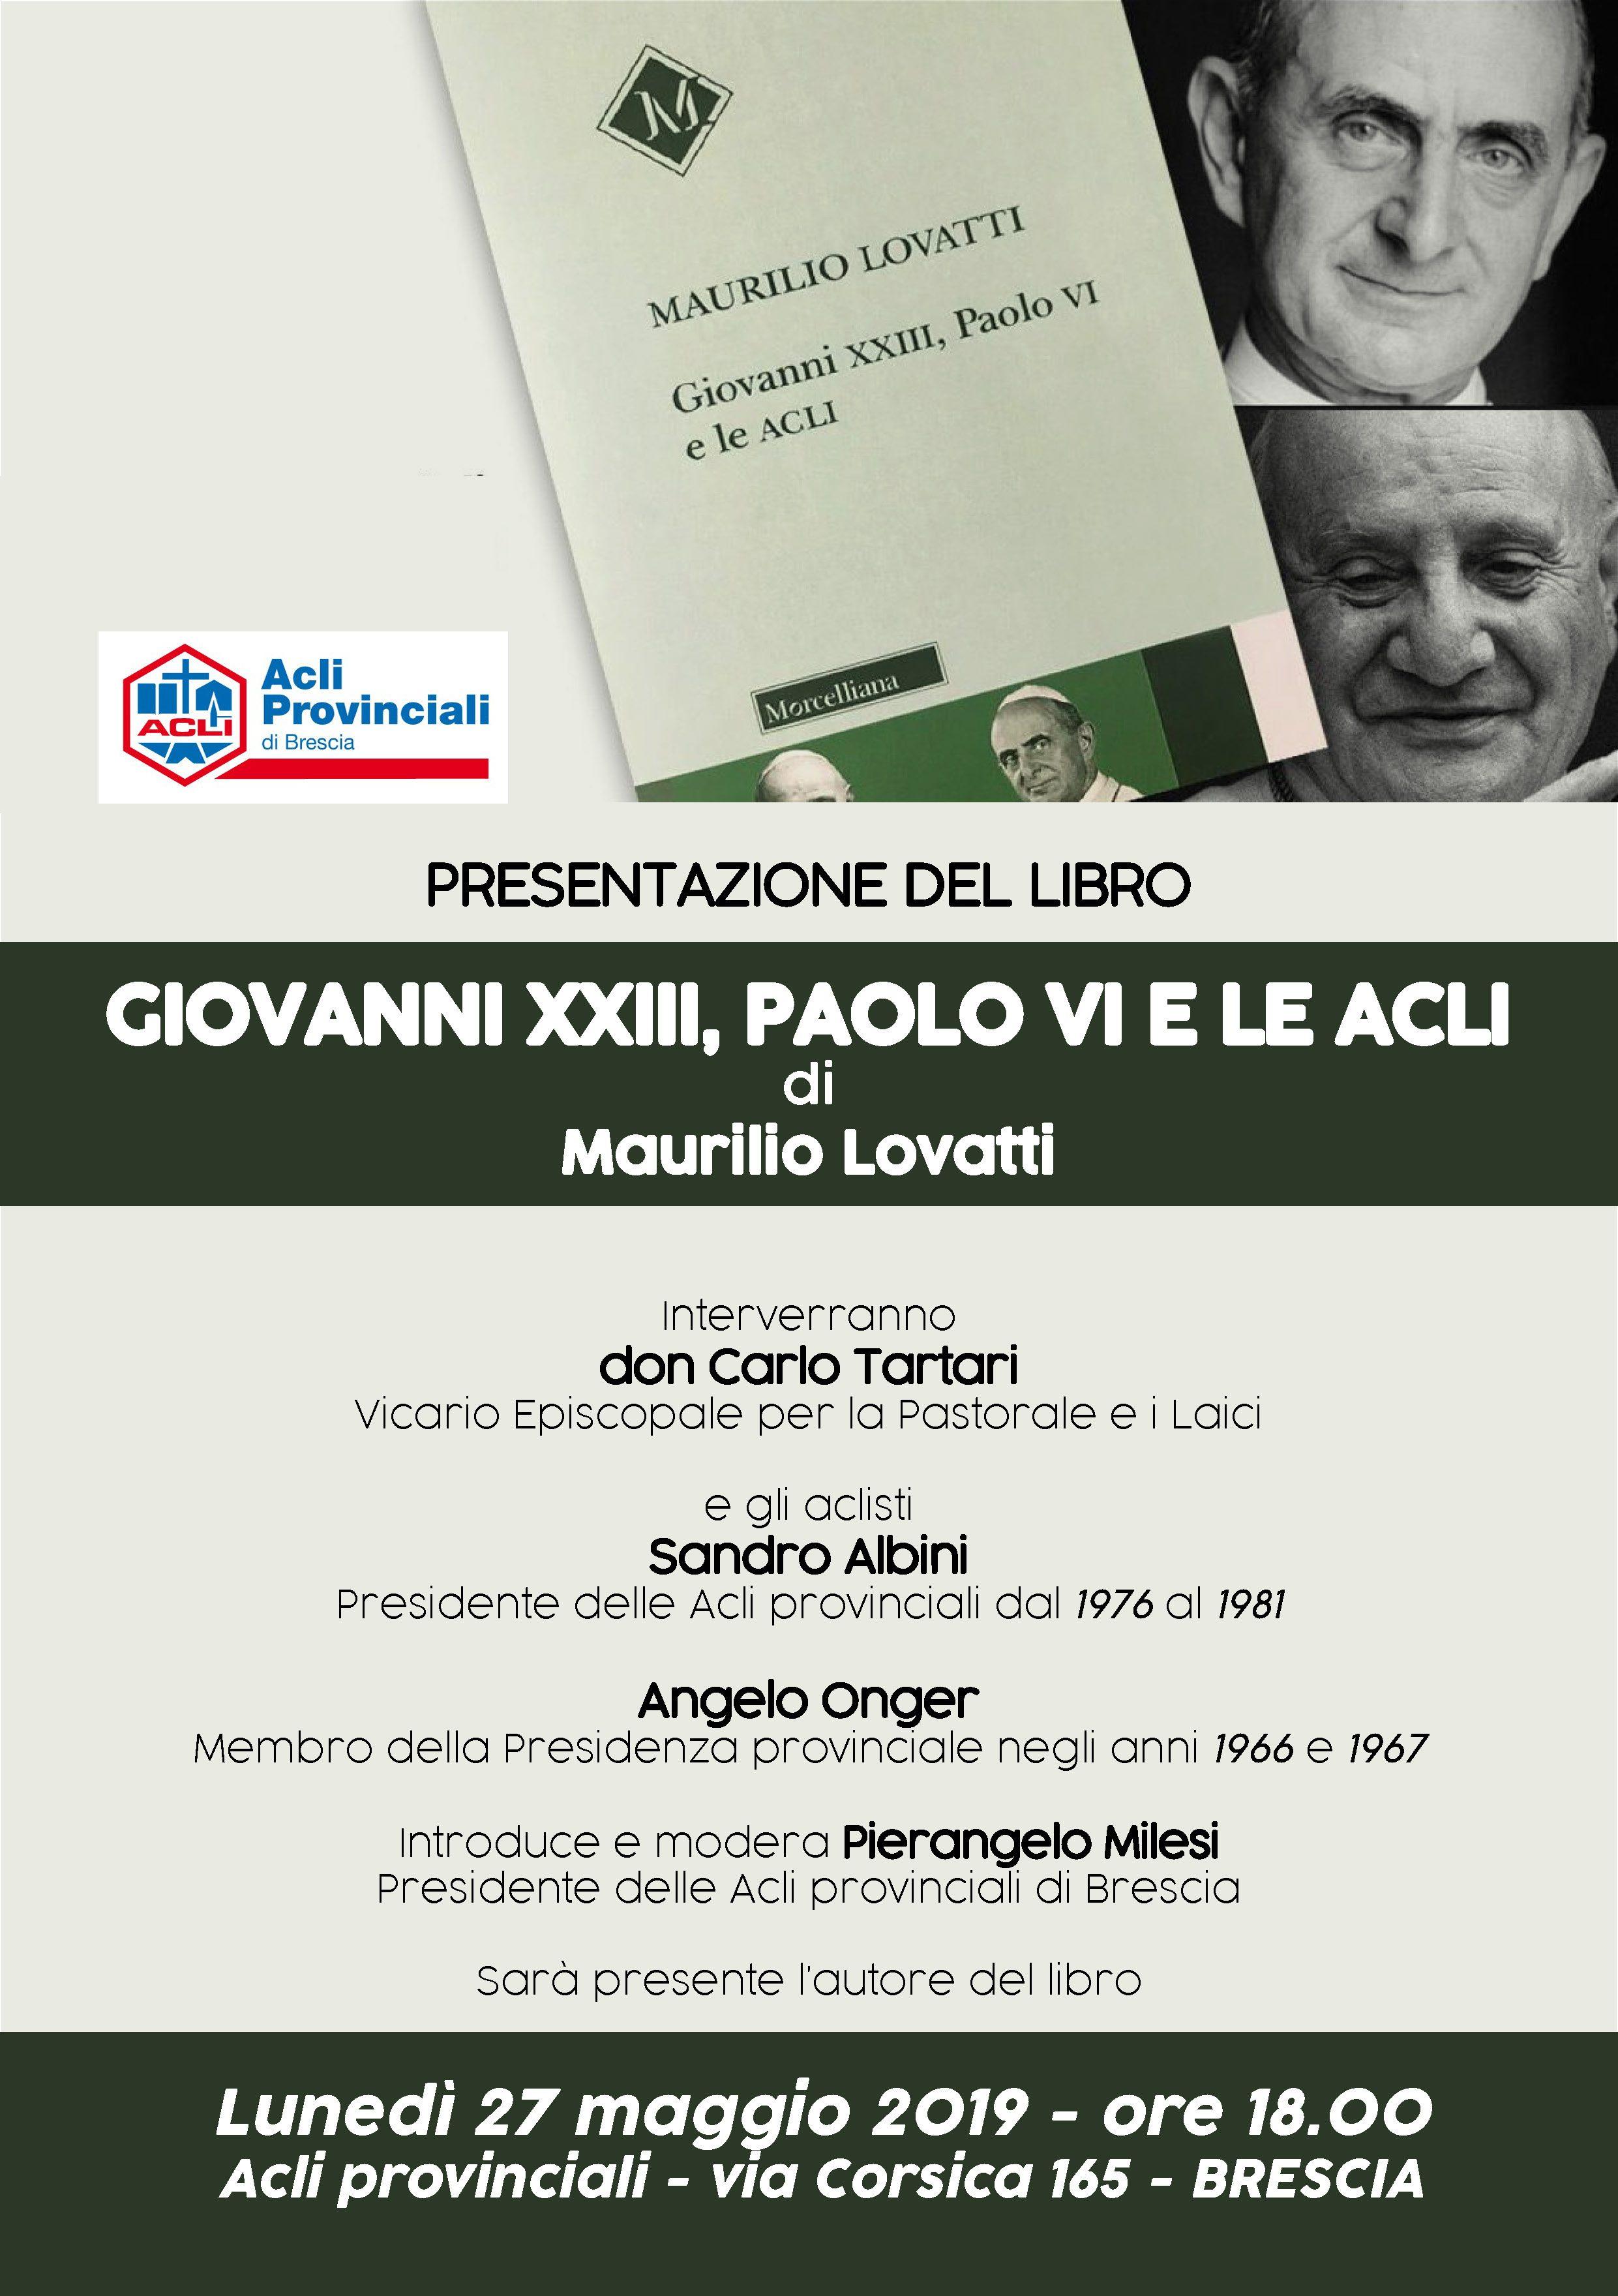 presentazione-Brescia27 maggio Acli.jpg